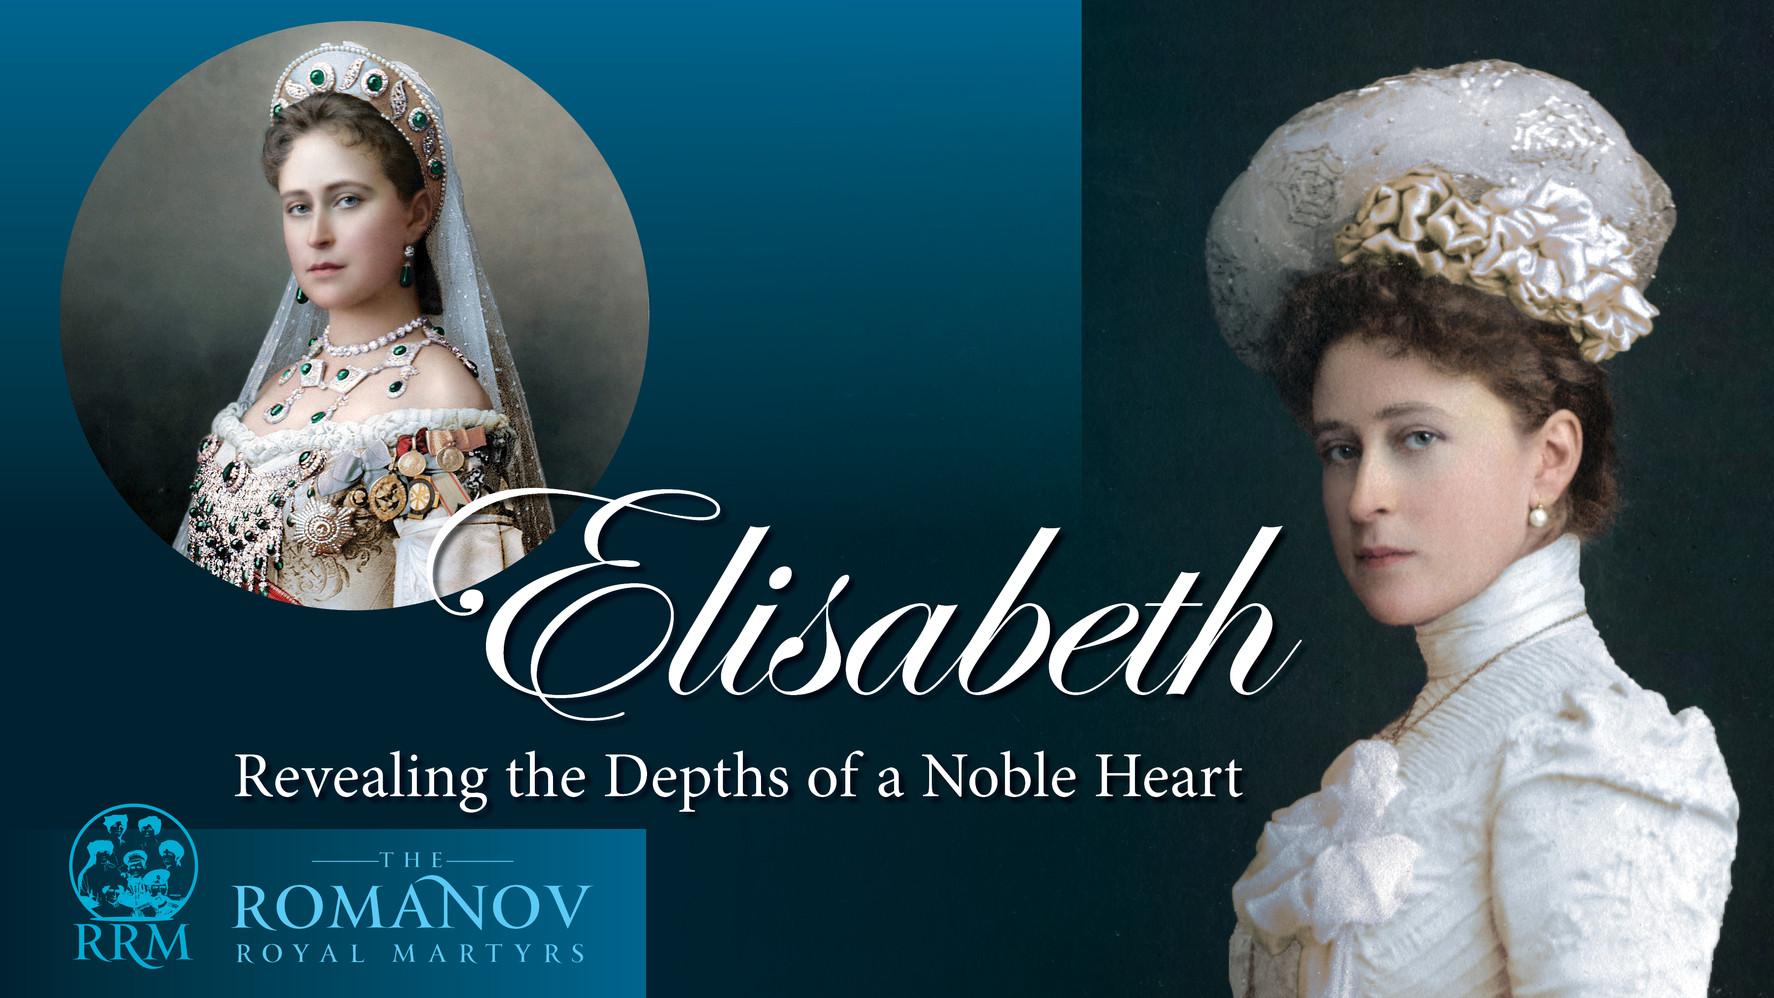 Ελισάβετ | Αποκαλύπτοντας τα βάθη μιας ευγενούς καρδιάς